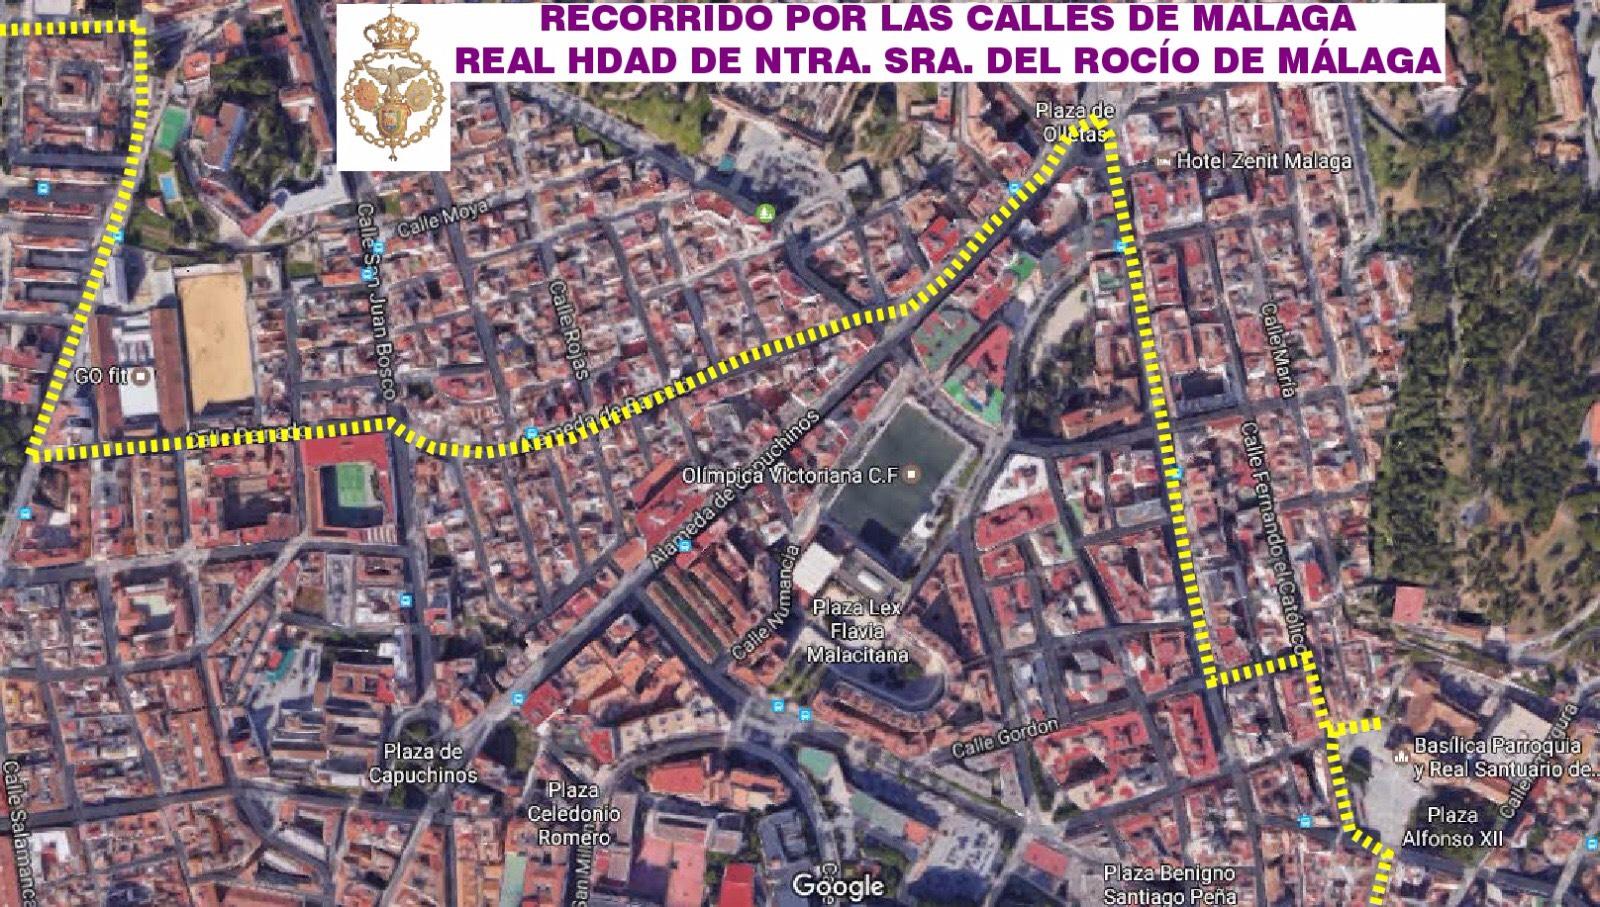 Recorrido Malaga 2